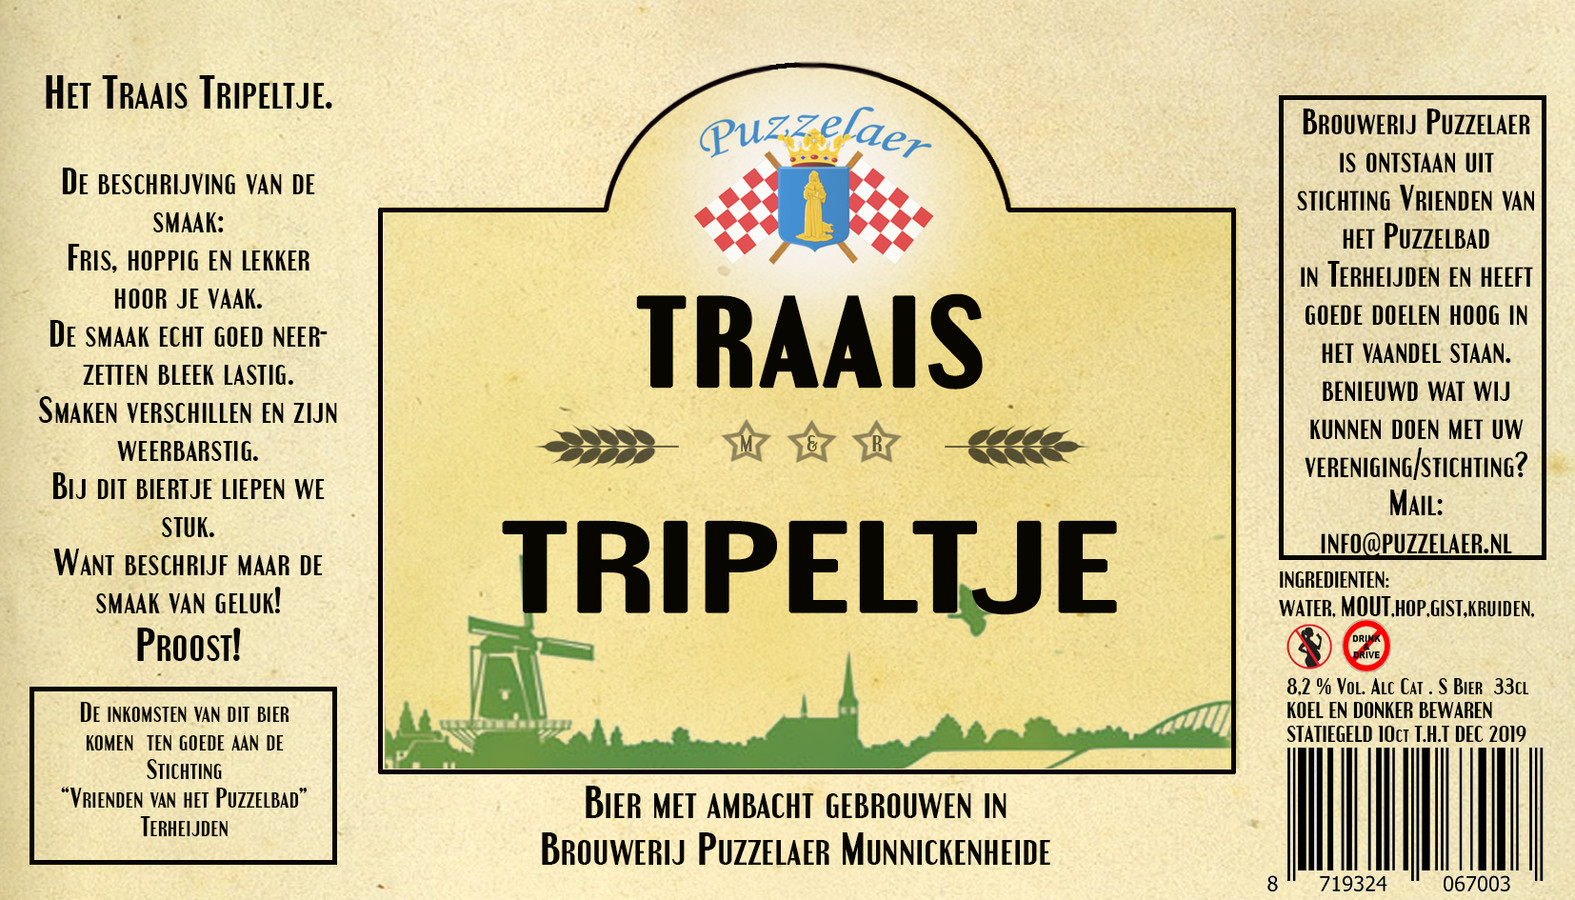 8,2% Traais Tripeltje Puzzelaer Terheijden. Vier soorten mout, twee soorten hop en sinaasappel zorgen voor een klassieke tripel met zomerse inslag.